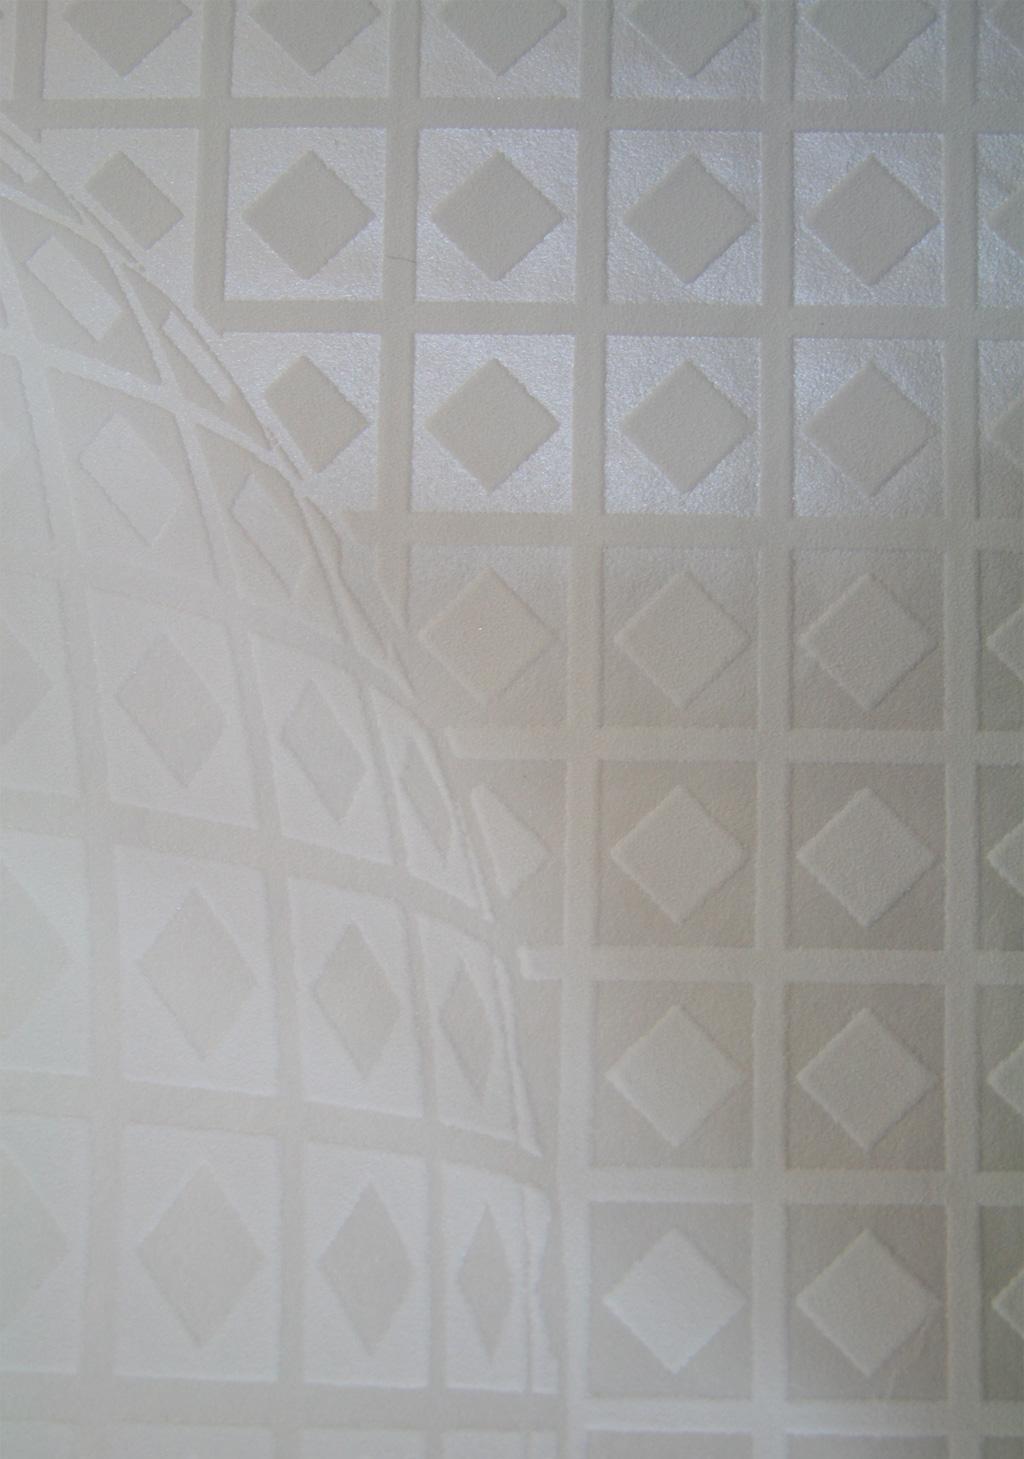 豪美迪壁纸欧式系列-5541855418